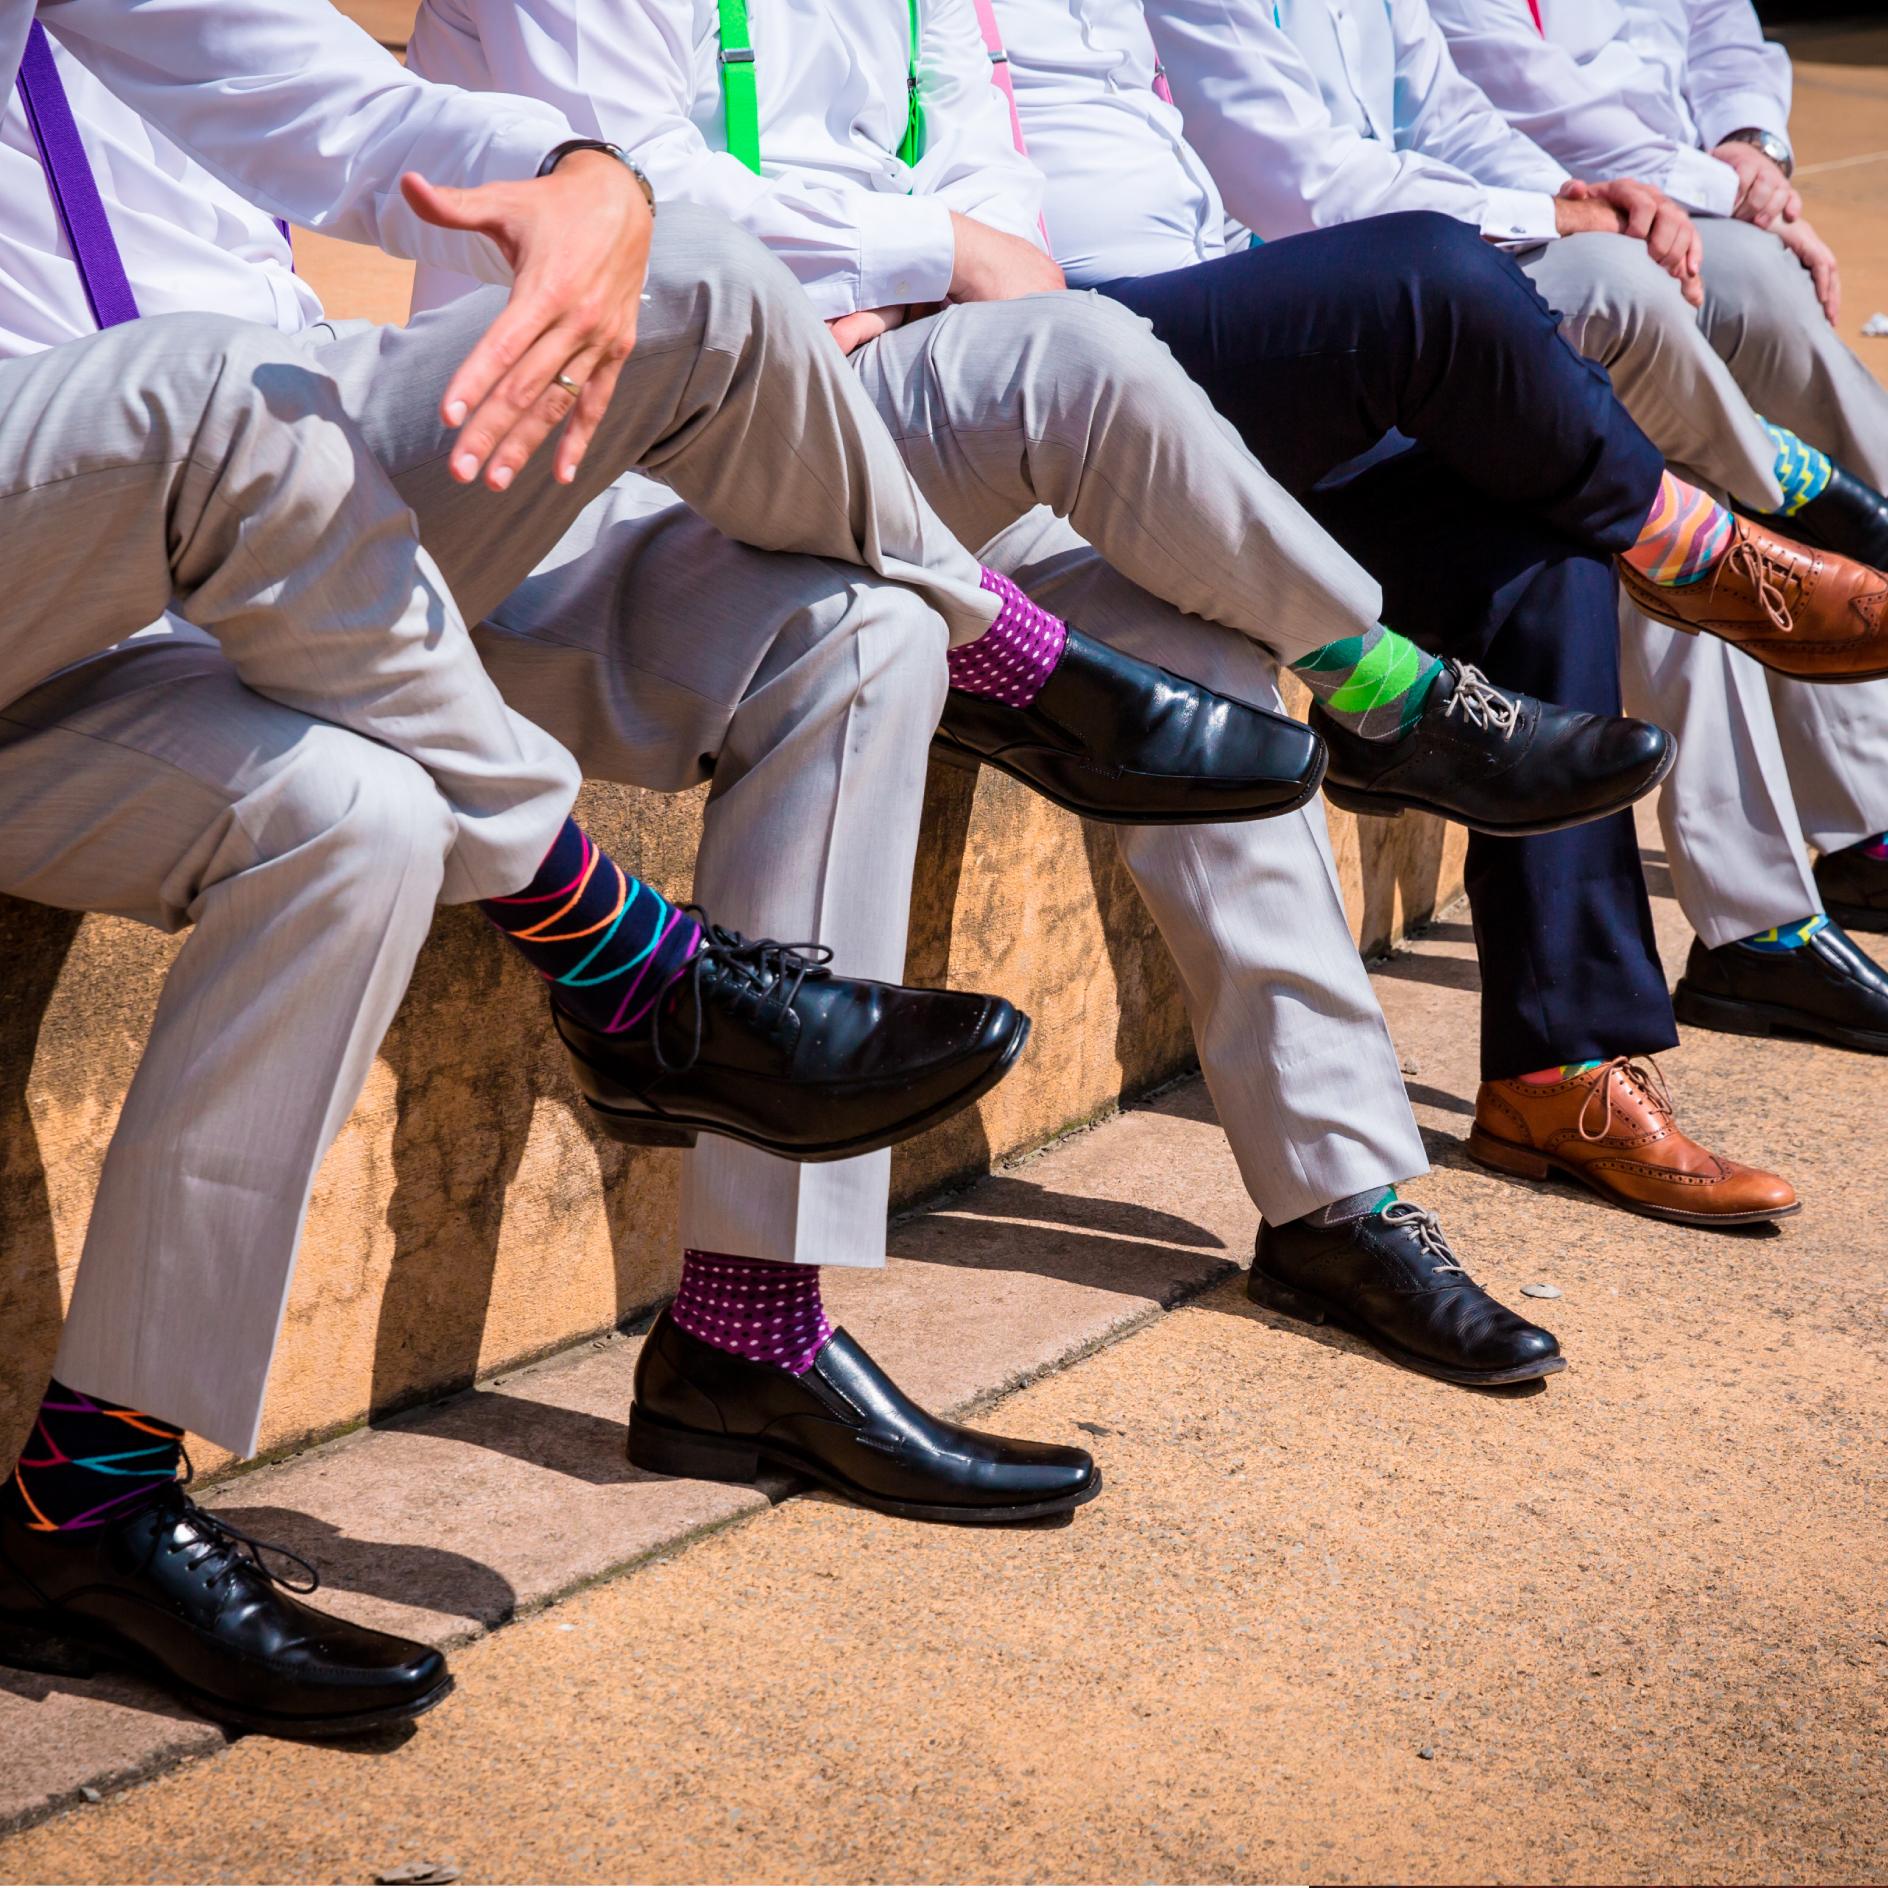 sotb_galeria_iii-socks-on-the-beat